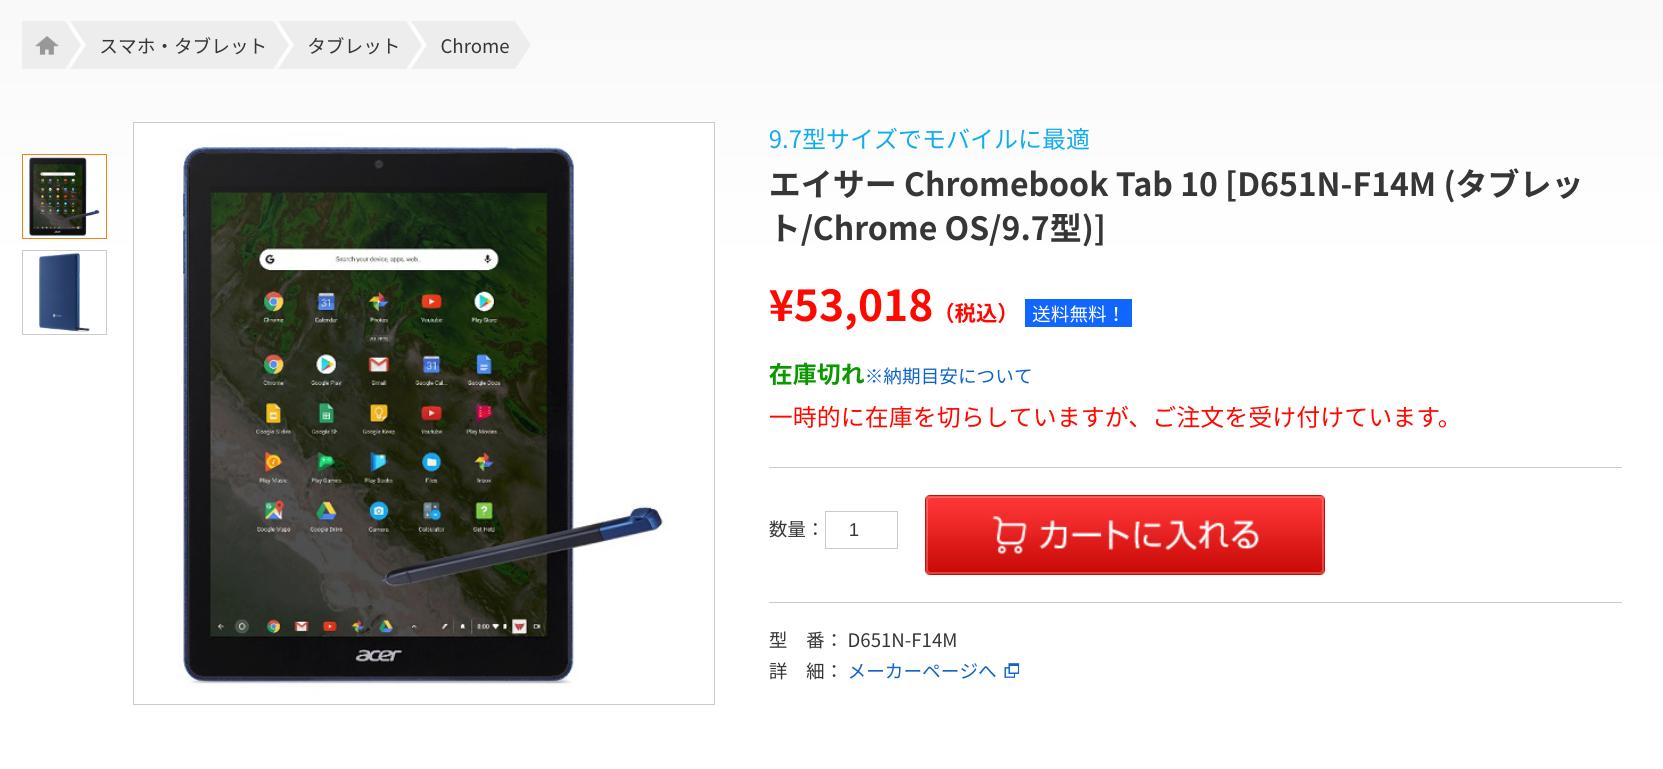 [かぶ] Acer Chromebook Tab 10 D651N-F14Mがネット各店舗に登場。入荷日は未定ながらも国内販売はほぼ確定か。